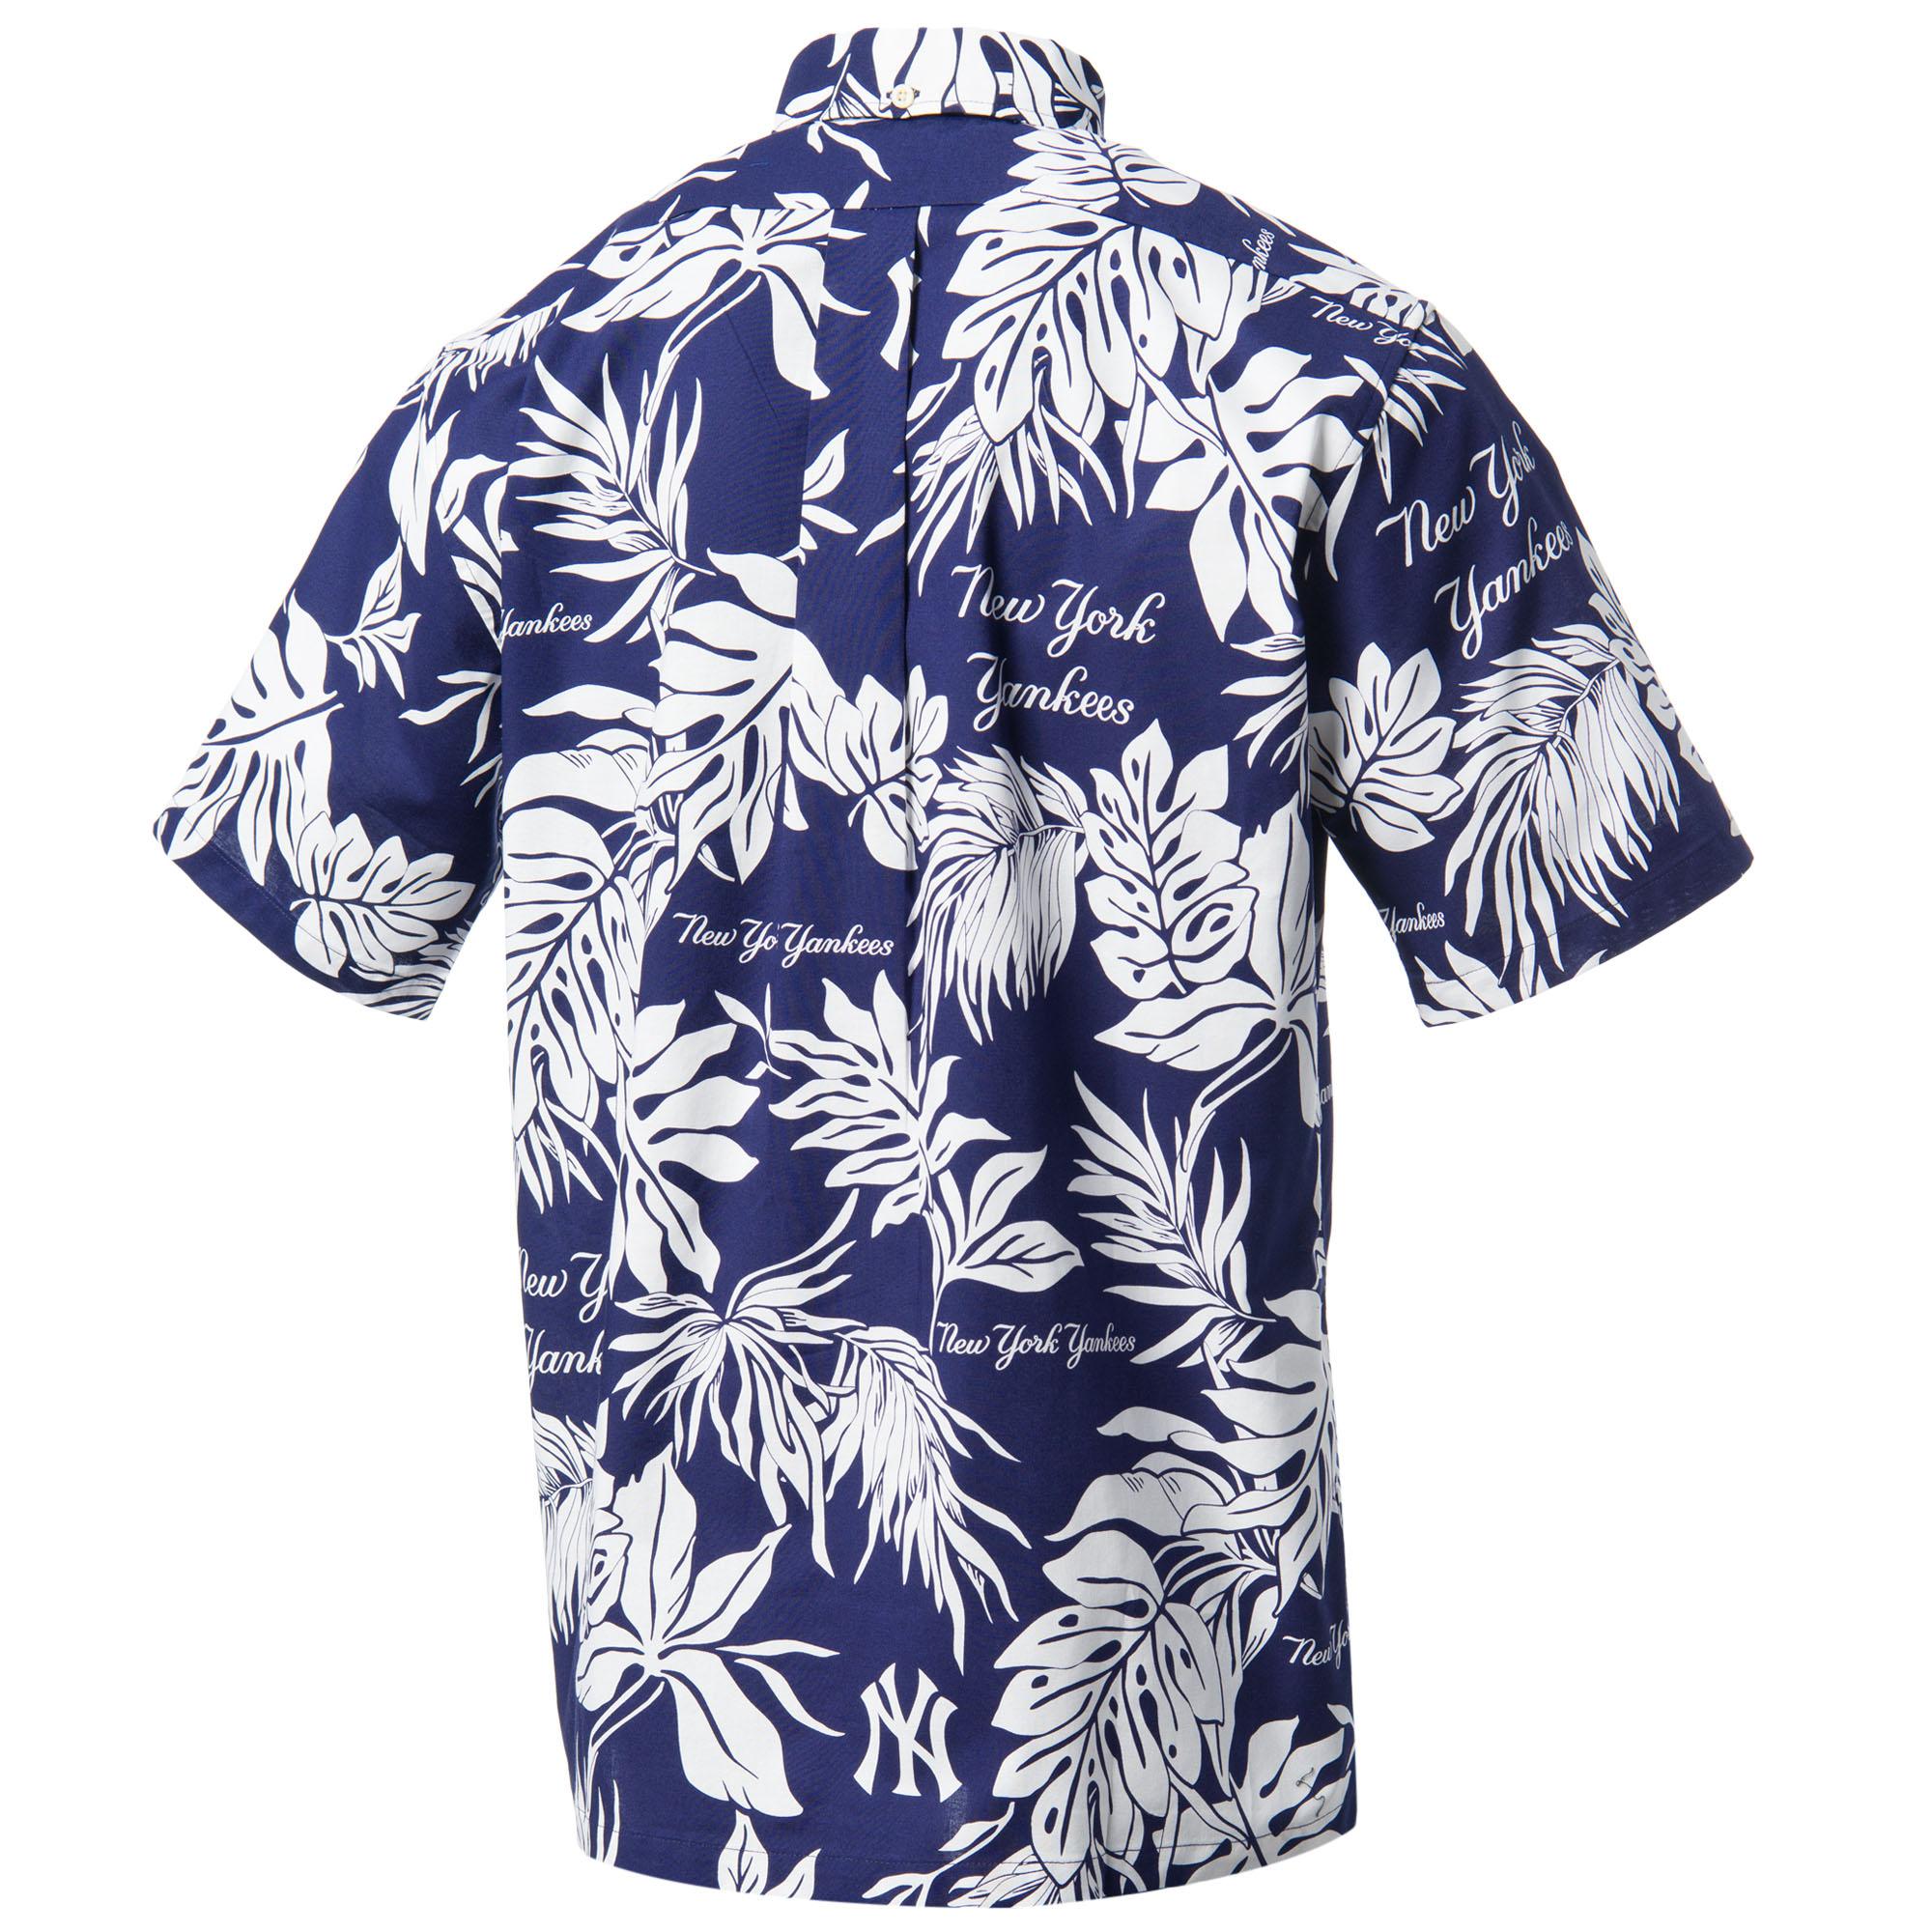 a6e9f641 Reyn Spooner Men's New York Yankees Aloha MLB Button Front Shirt - Sun &  Ski Sports